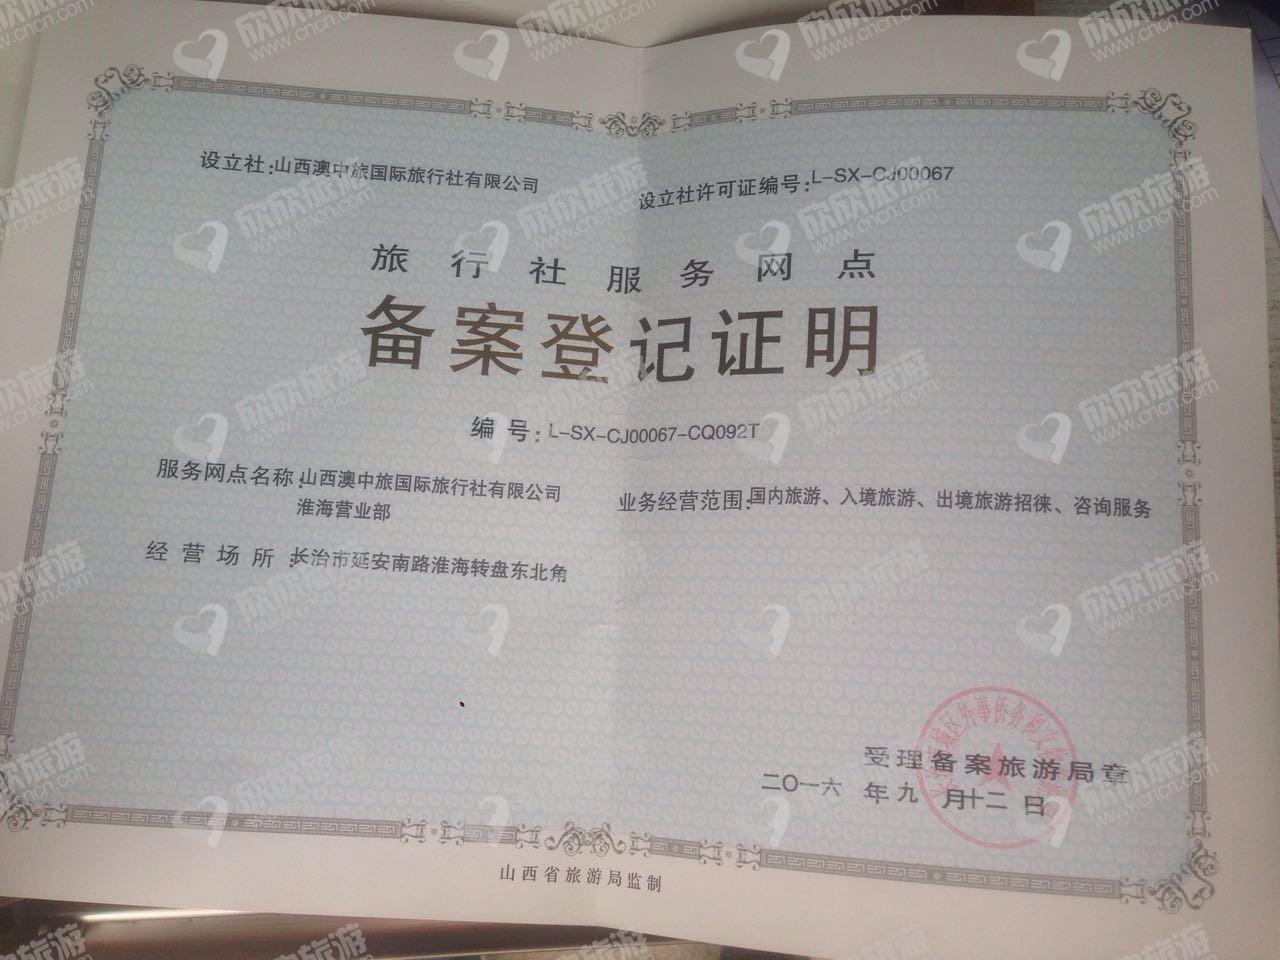 山西澳中旅国际旅行社有限公司淮海营业部经营许可证